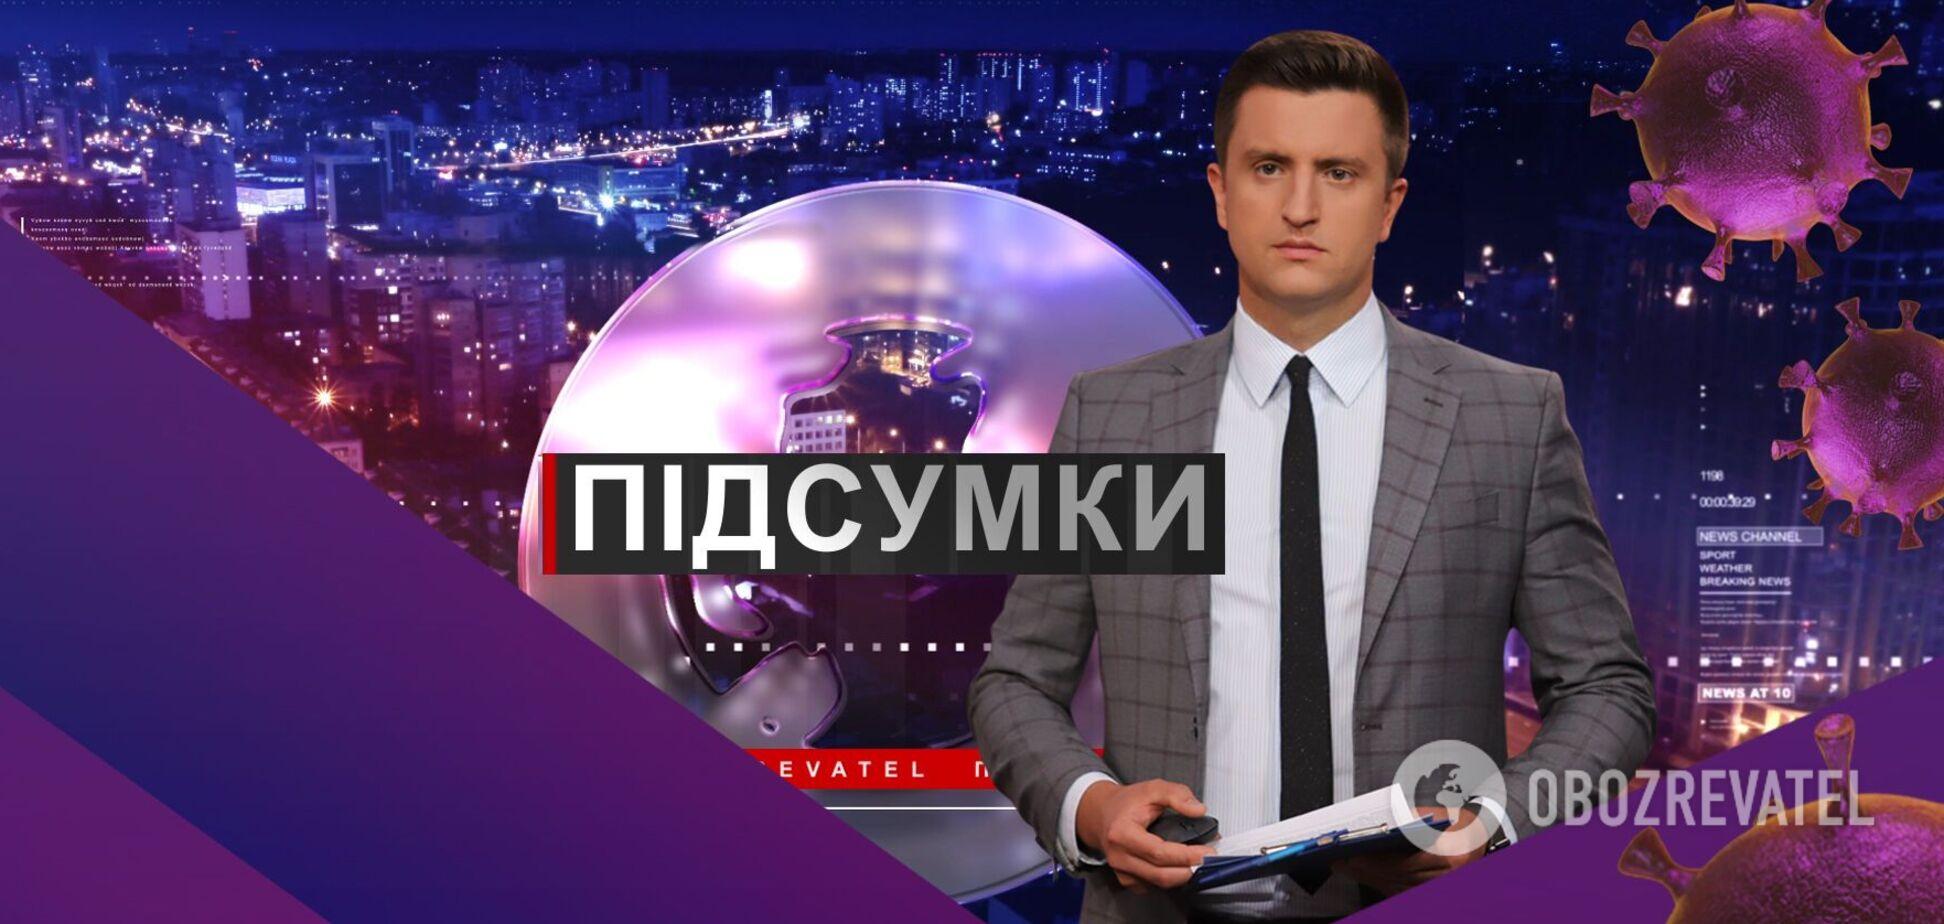 Підсумки дня з Вадимом Колодійчуком. Вівторок, 18 серпня